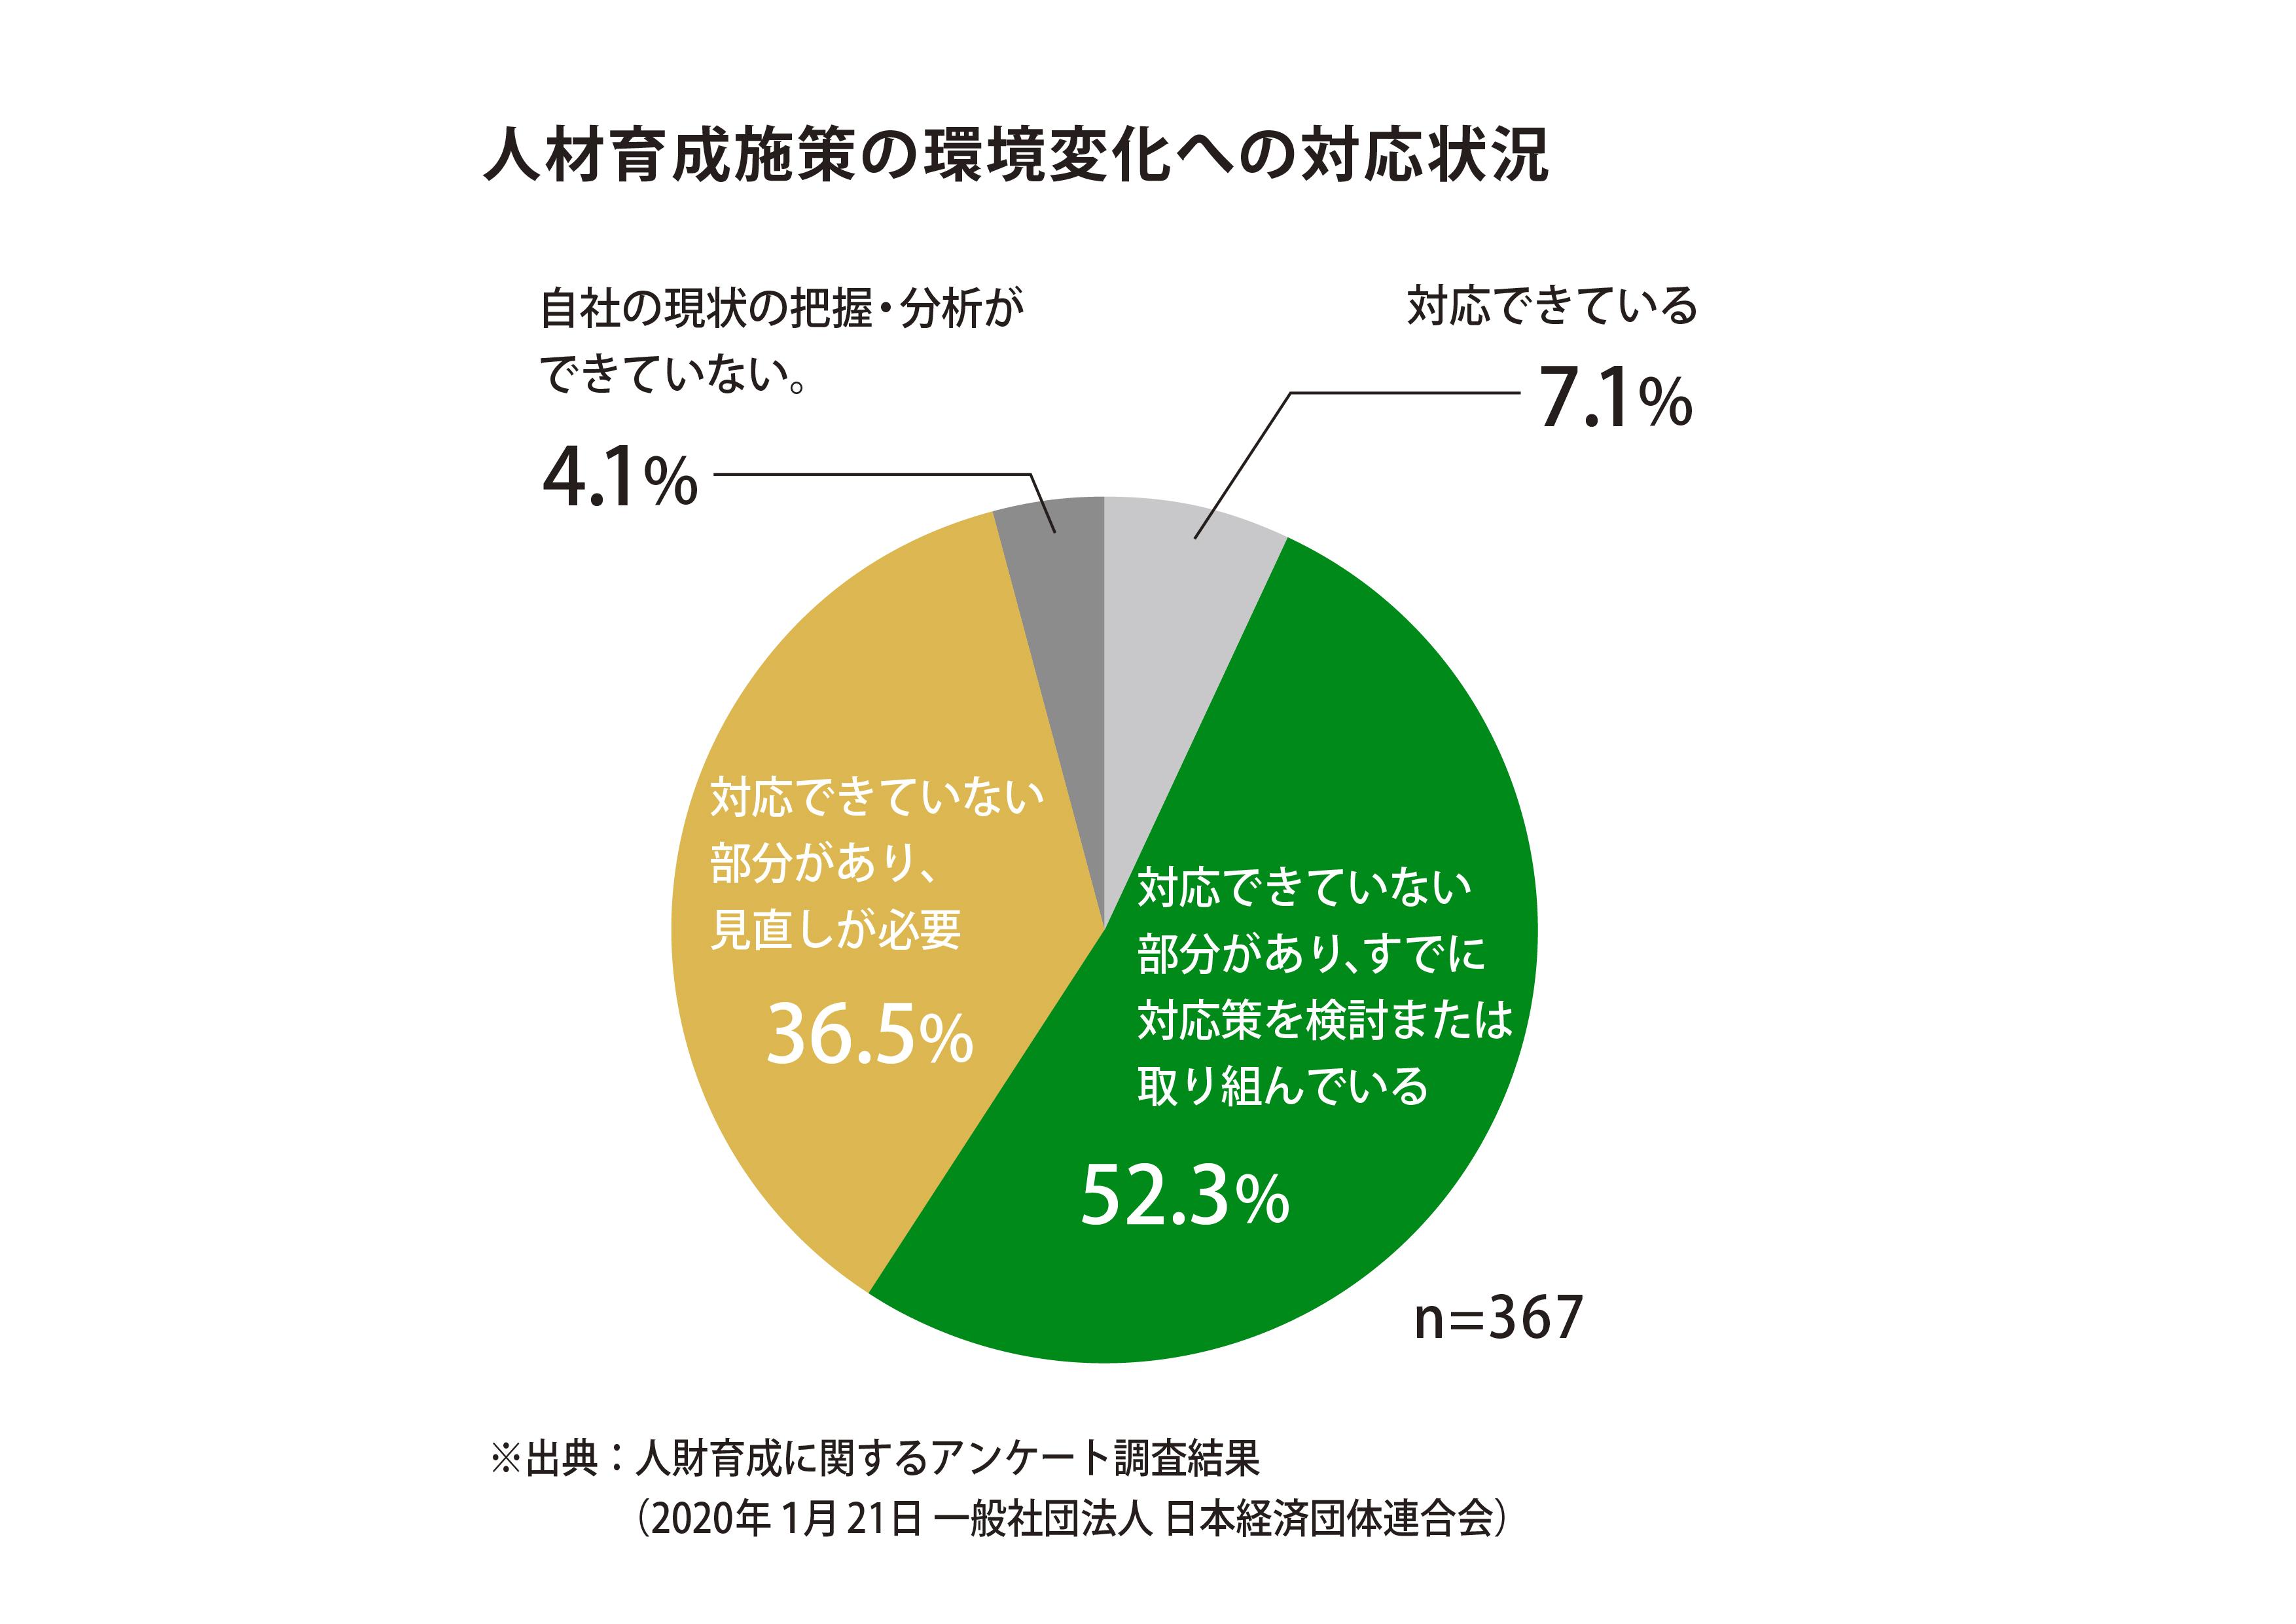 人材育成施策の環境変化への対応状況について、調査対象企業の約9割が「自社の人材育成施策が環境変化に対応できていない部分がある」と回答